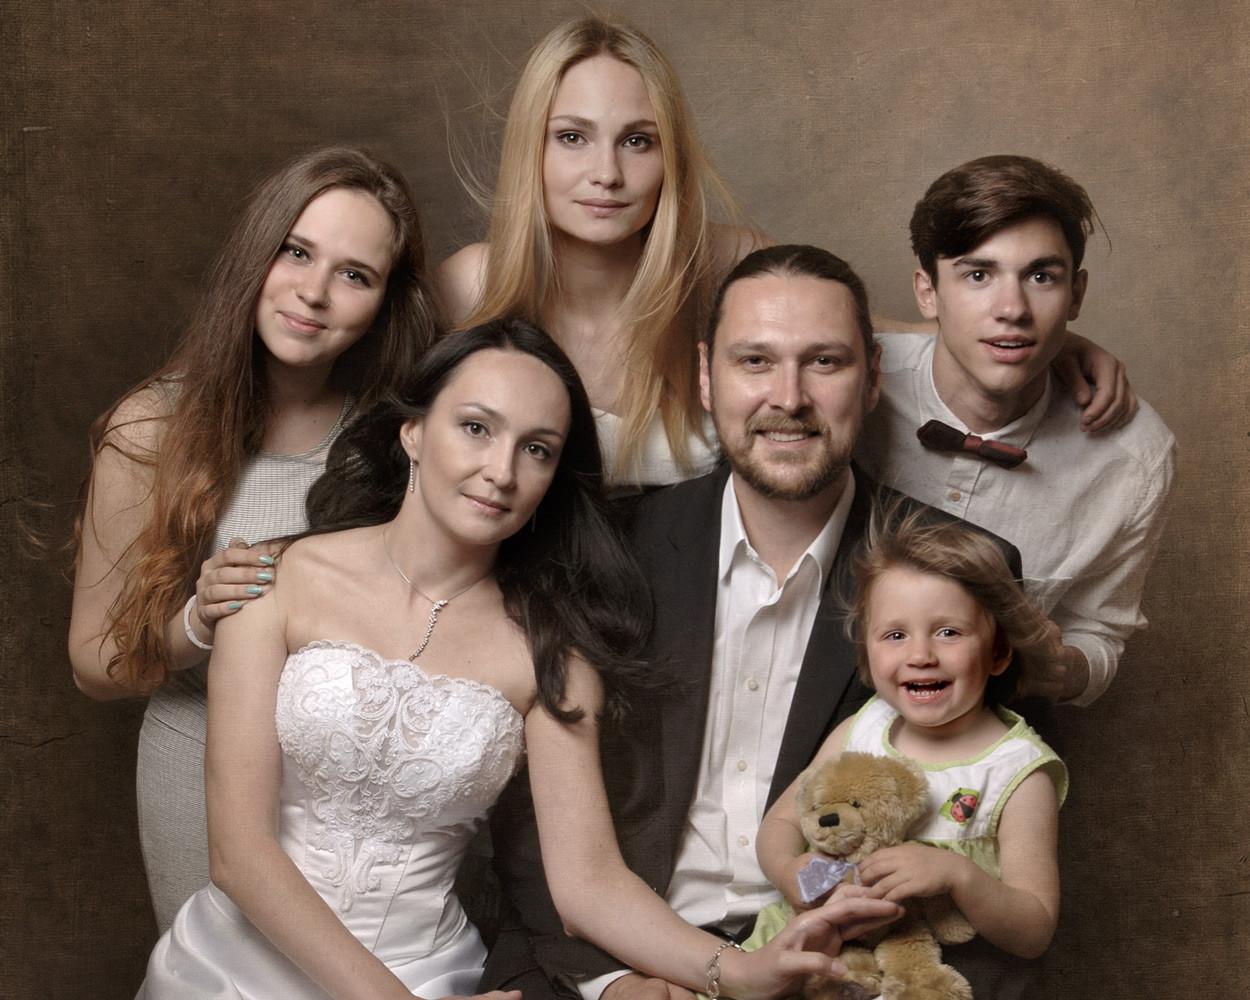 Усыновление: полезные советы и опыт счастливой семьи